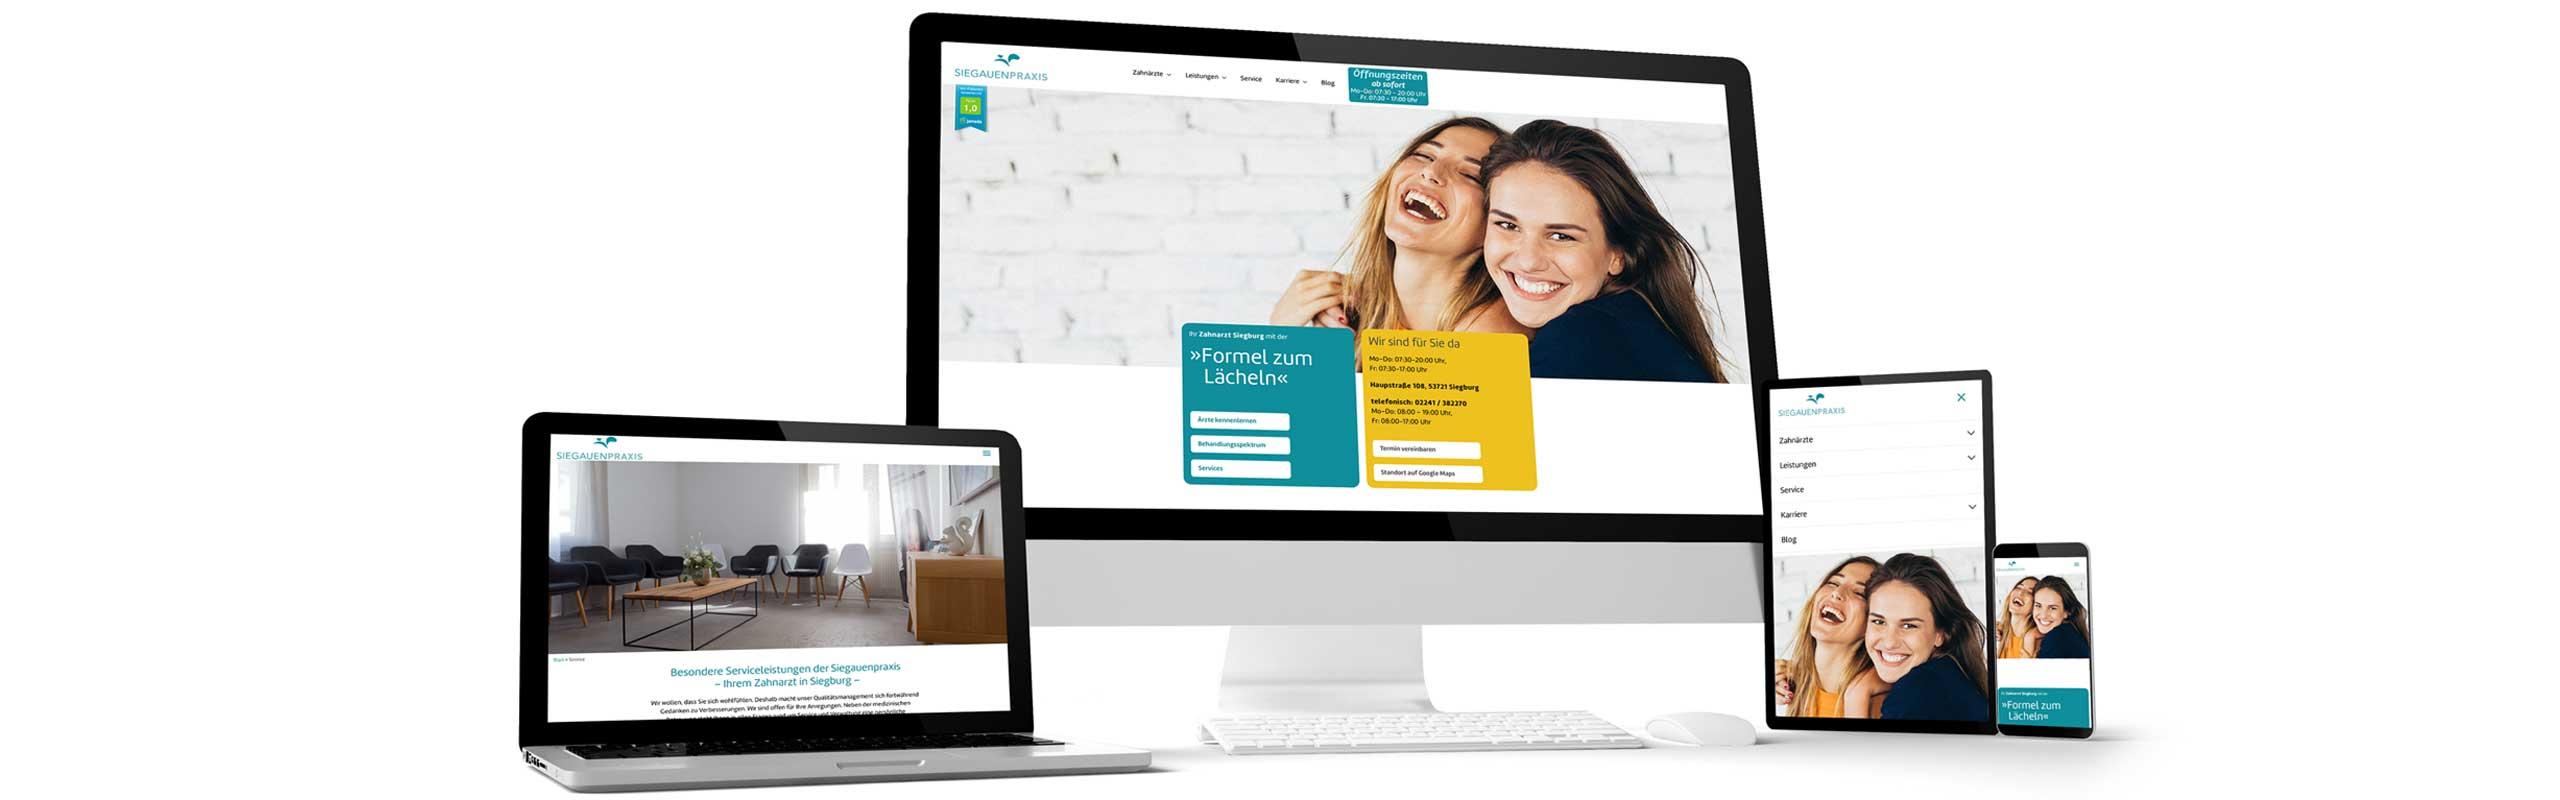 Designagentur Köln relauncht Zahnarzt Webdesign und bringt Praxis auf Seite 1 bei google